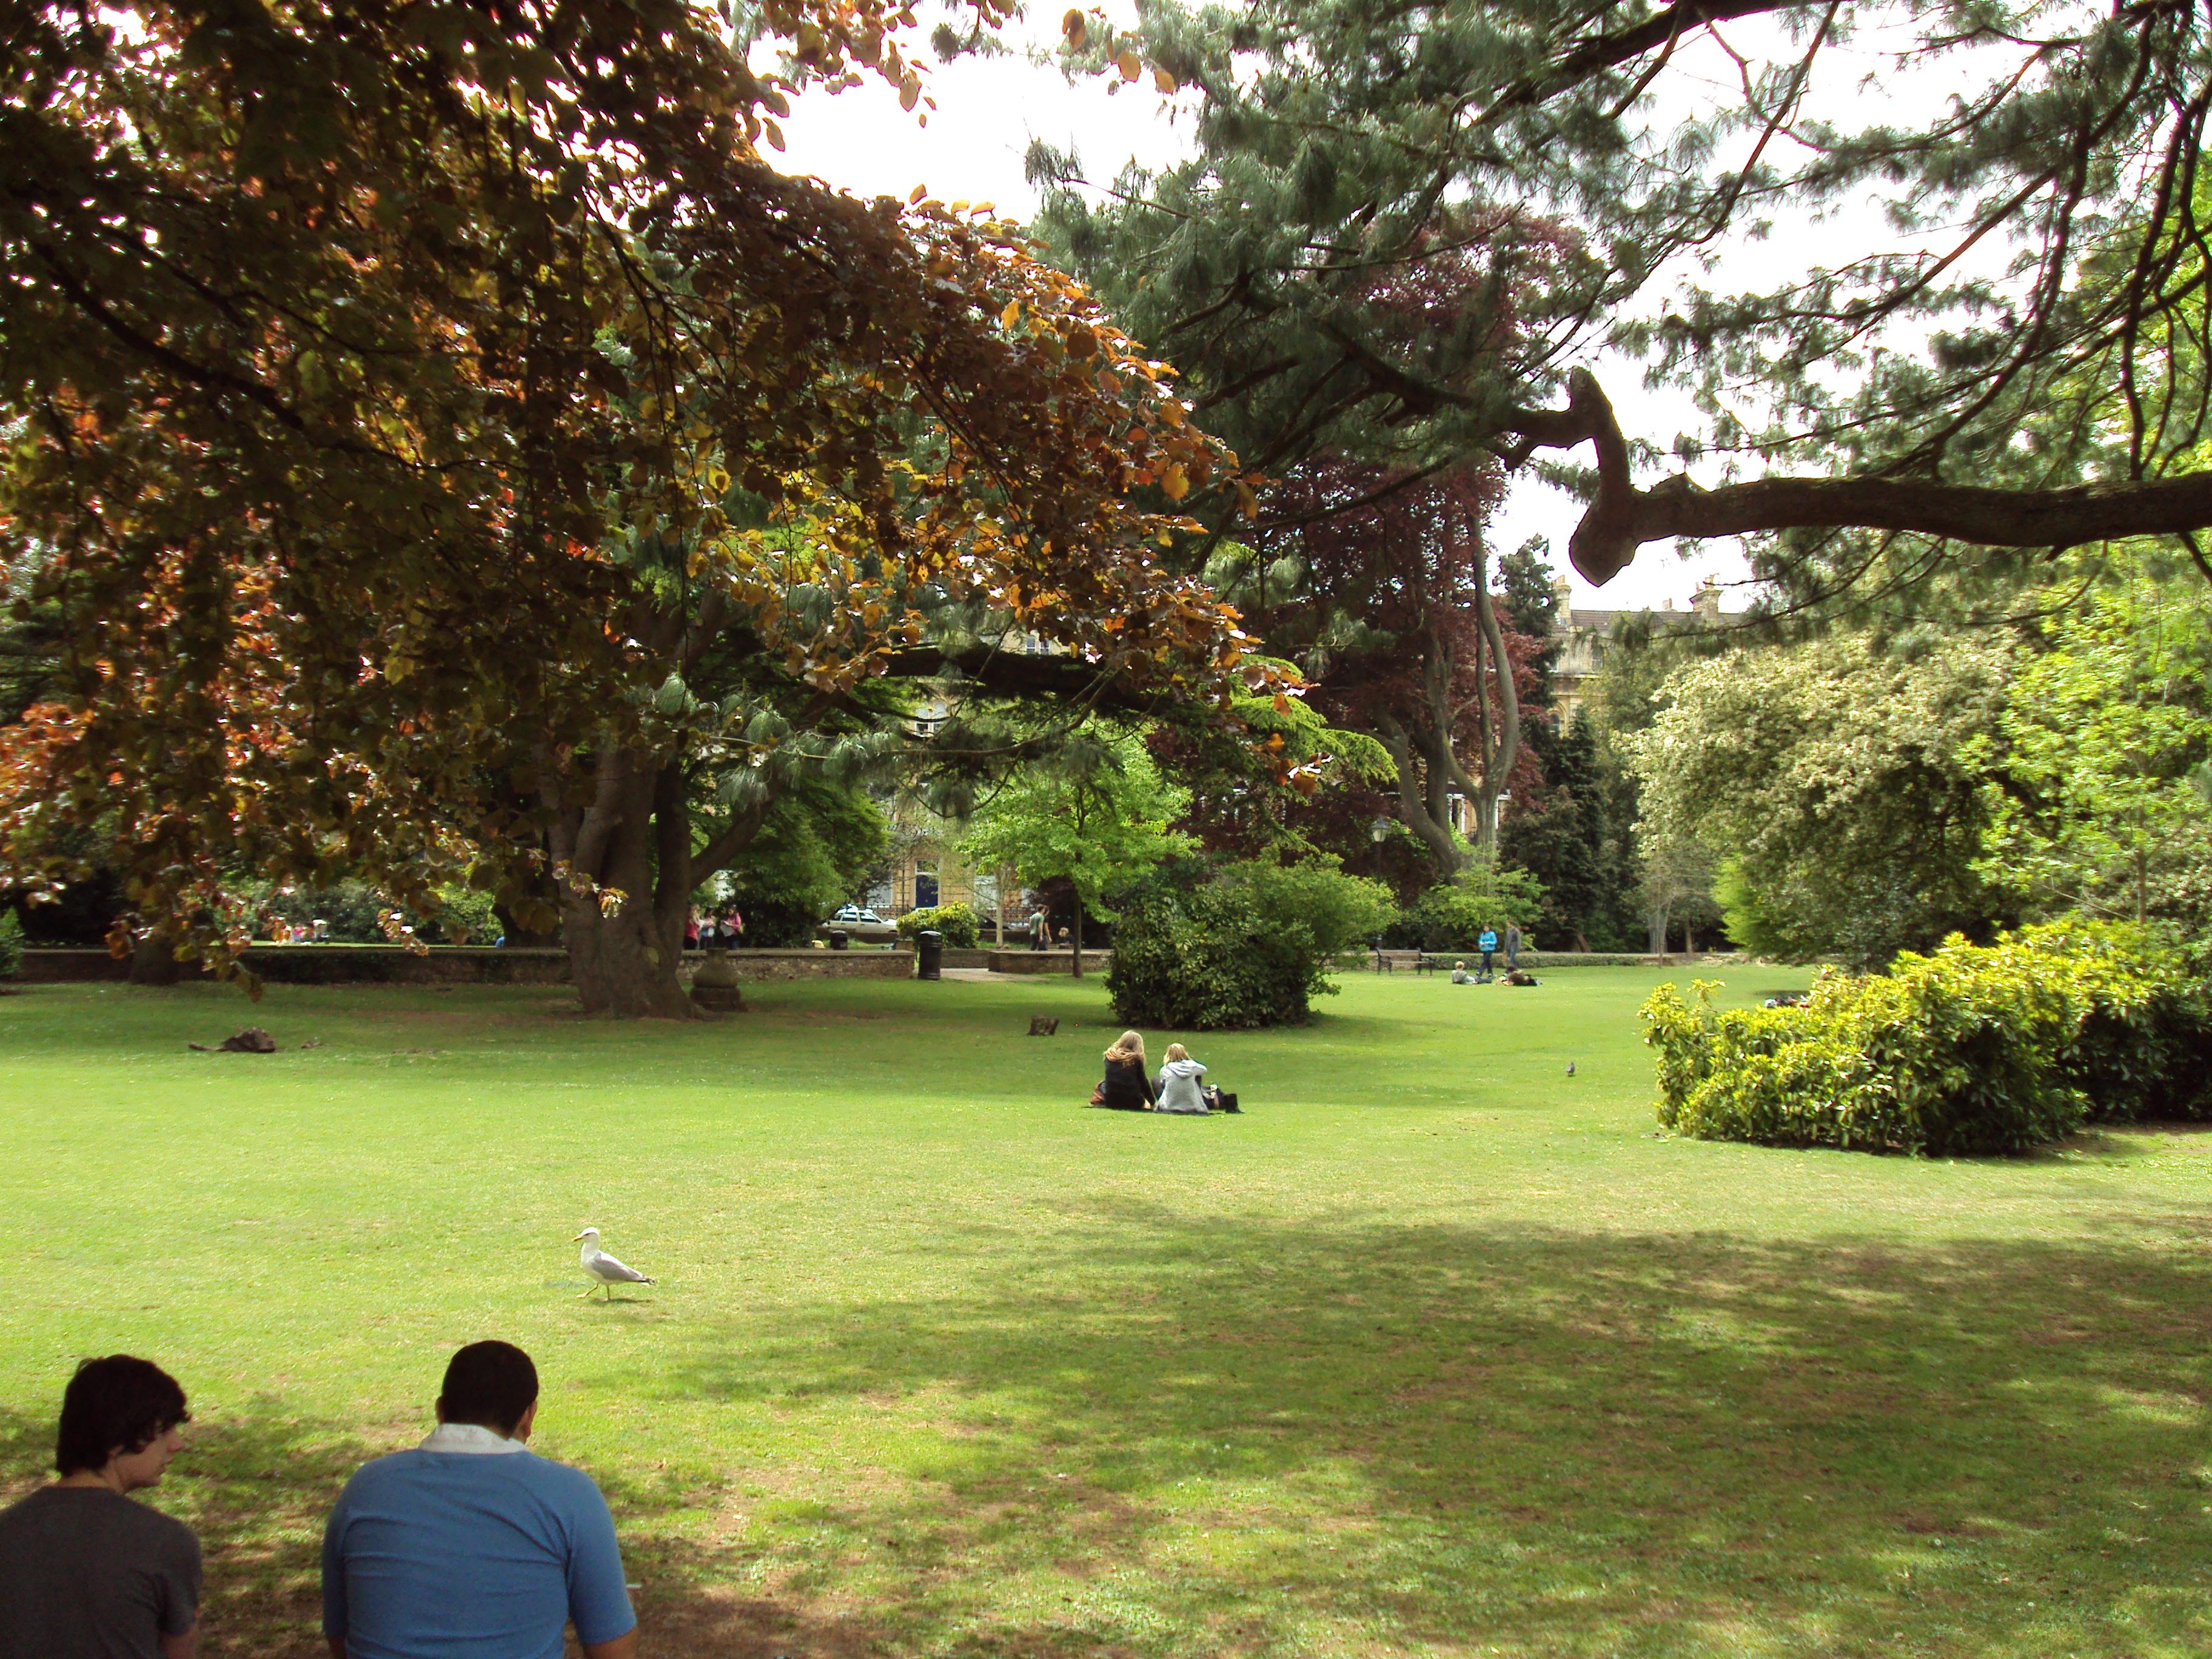 File:Gardens, Victoria Square, Clifton, Bristol   DSC05770.JPG